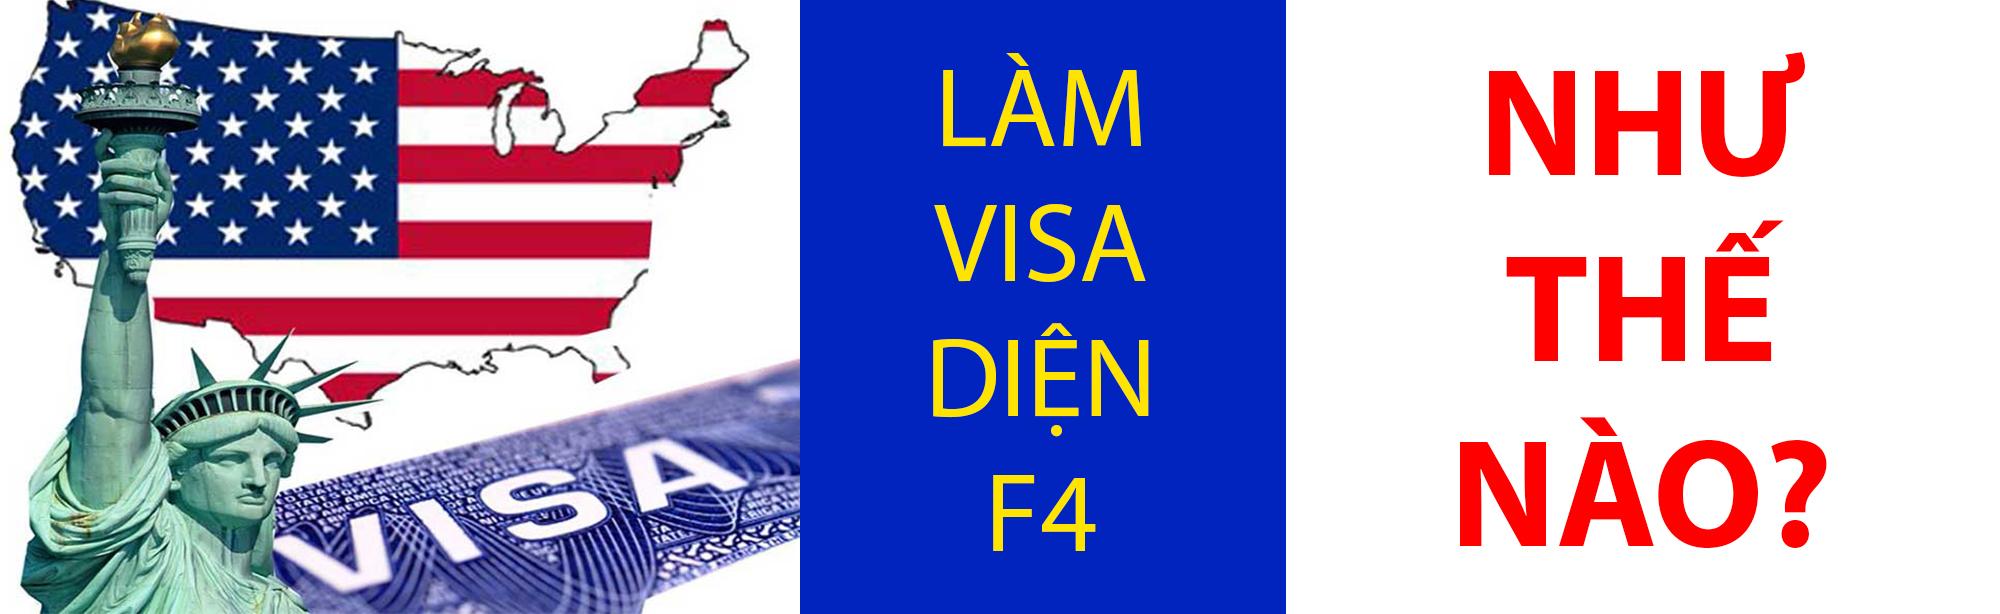 Làm visa diện F4 như thế nào?